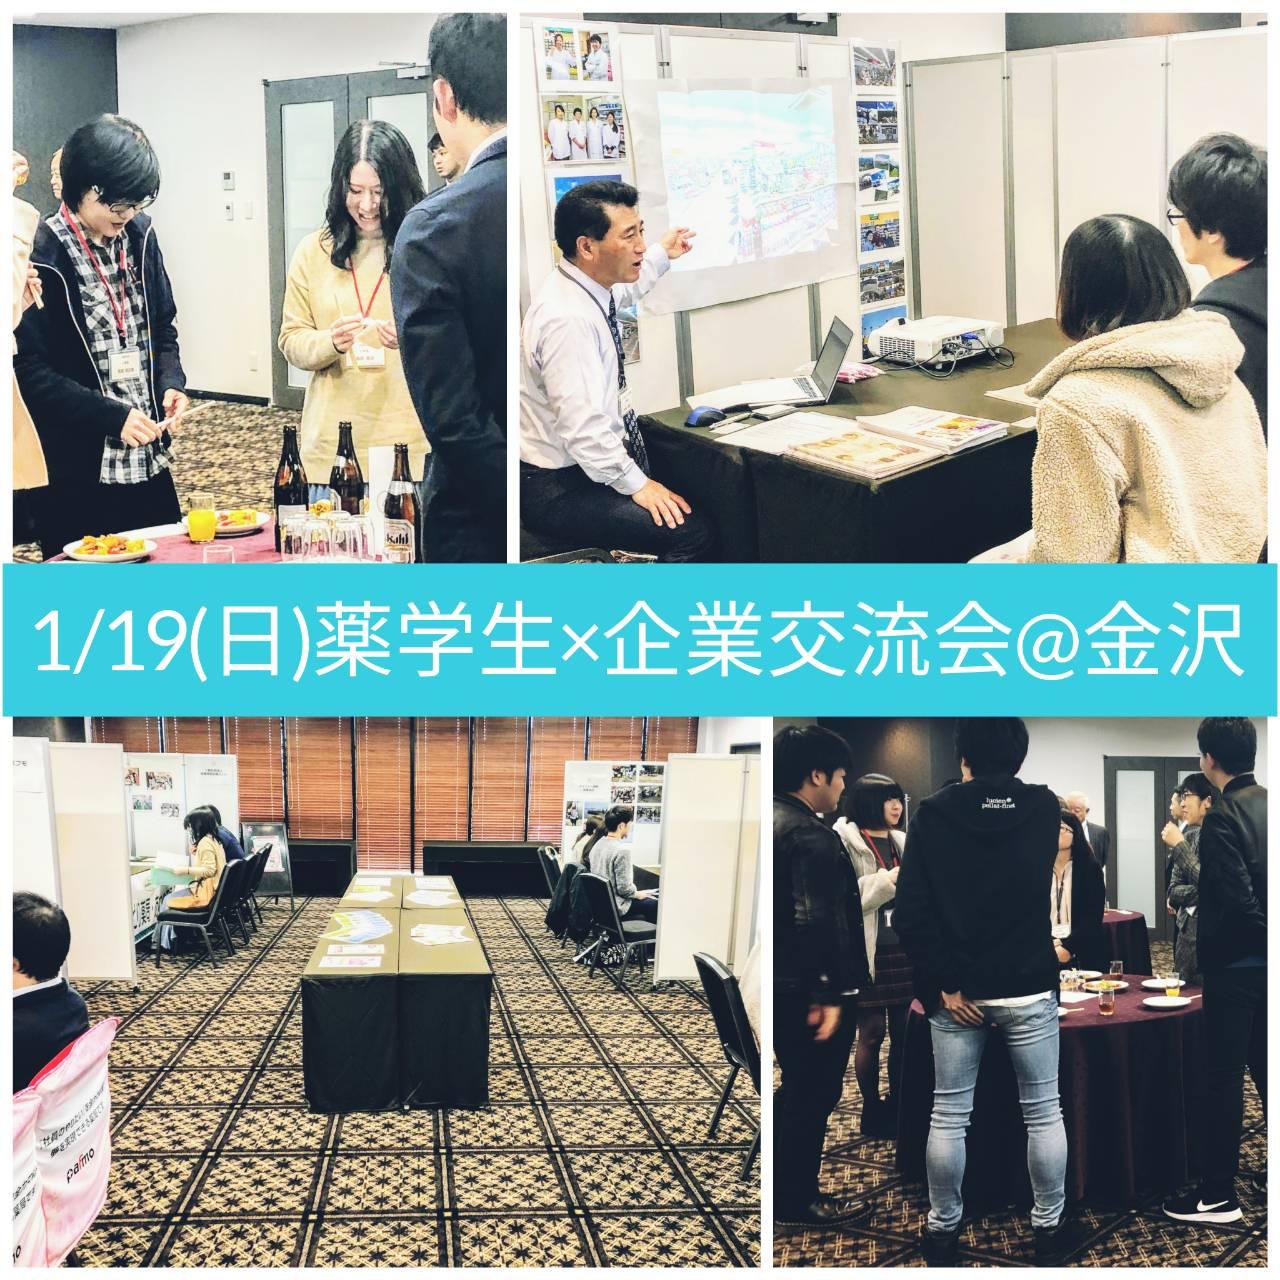 ~開催報告~1/19(日) 薬学生×企業交流会@金沢